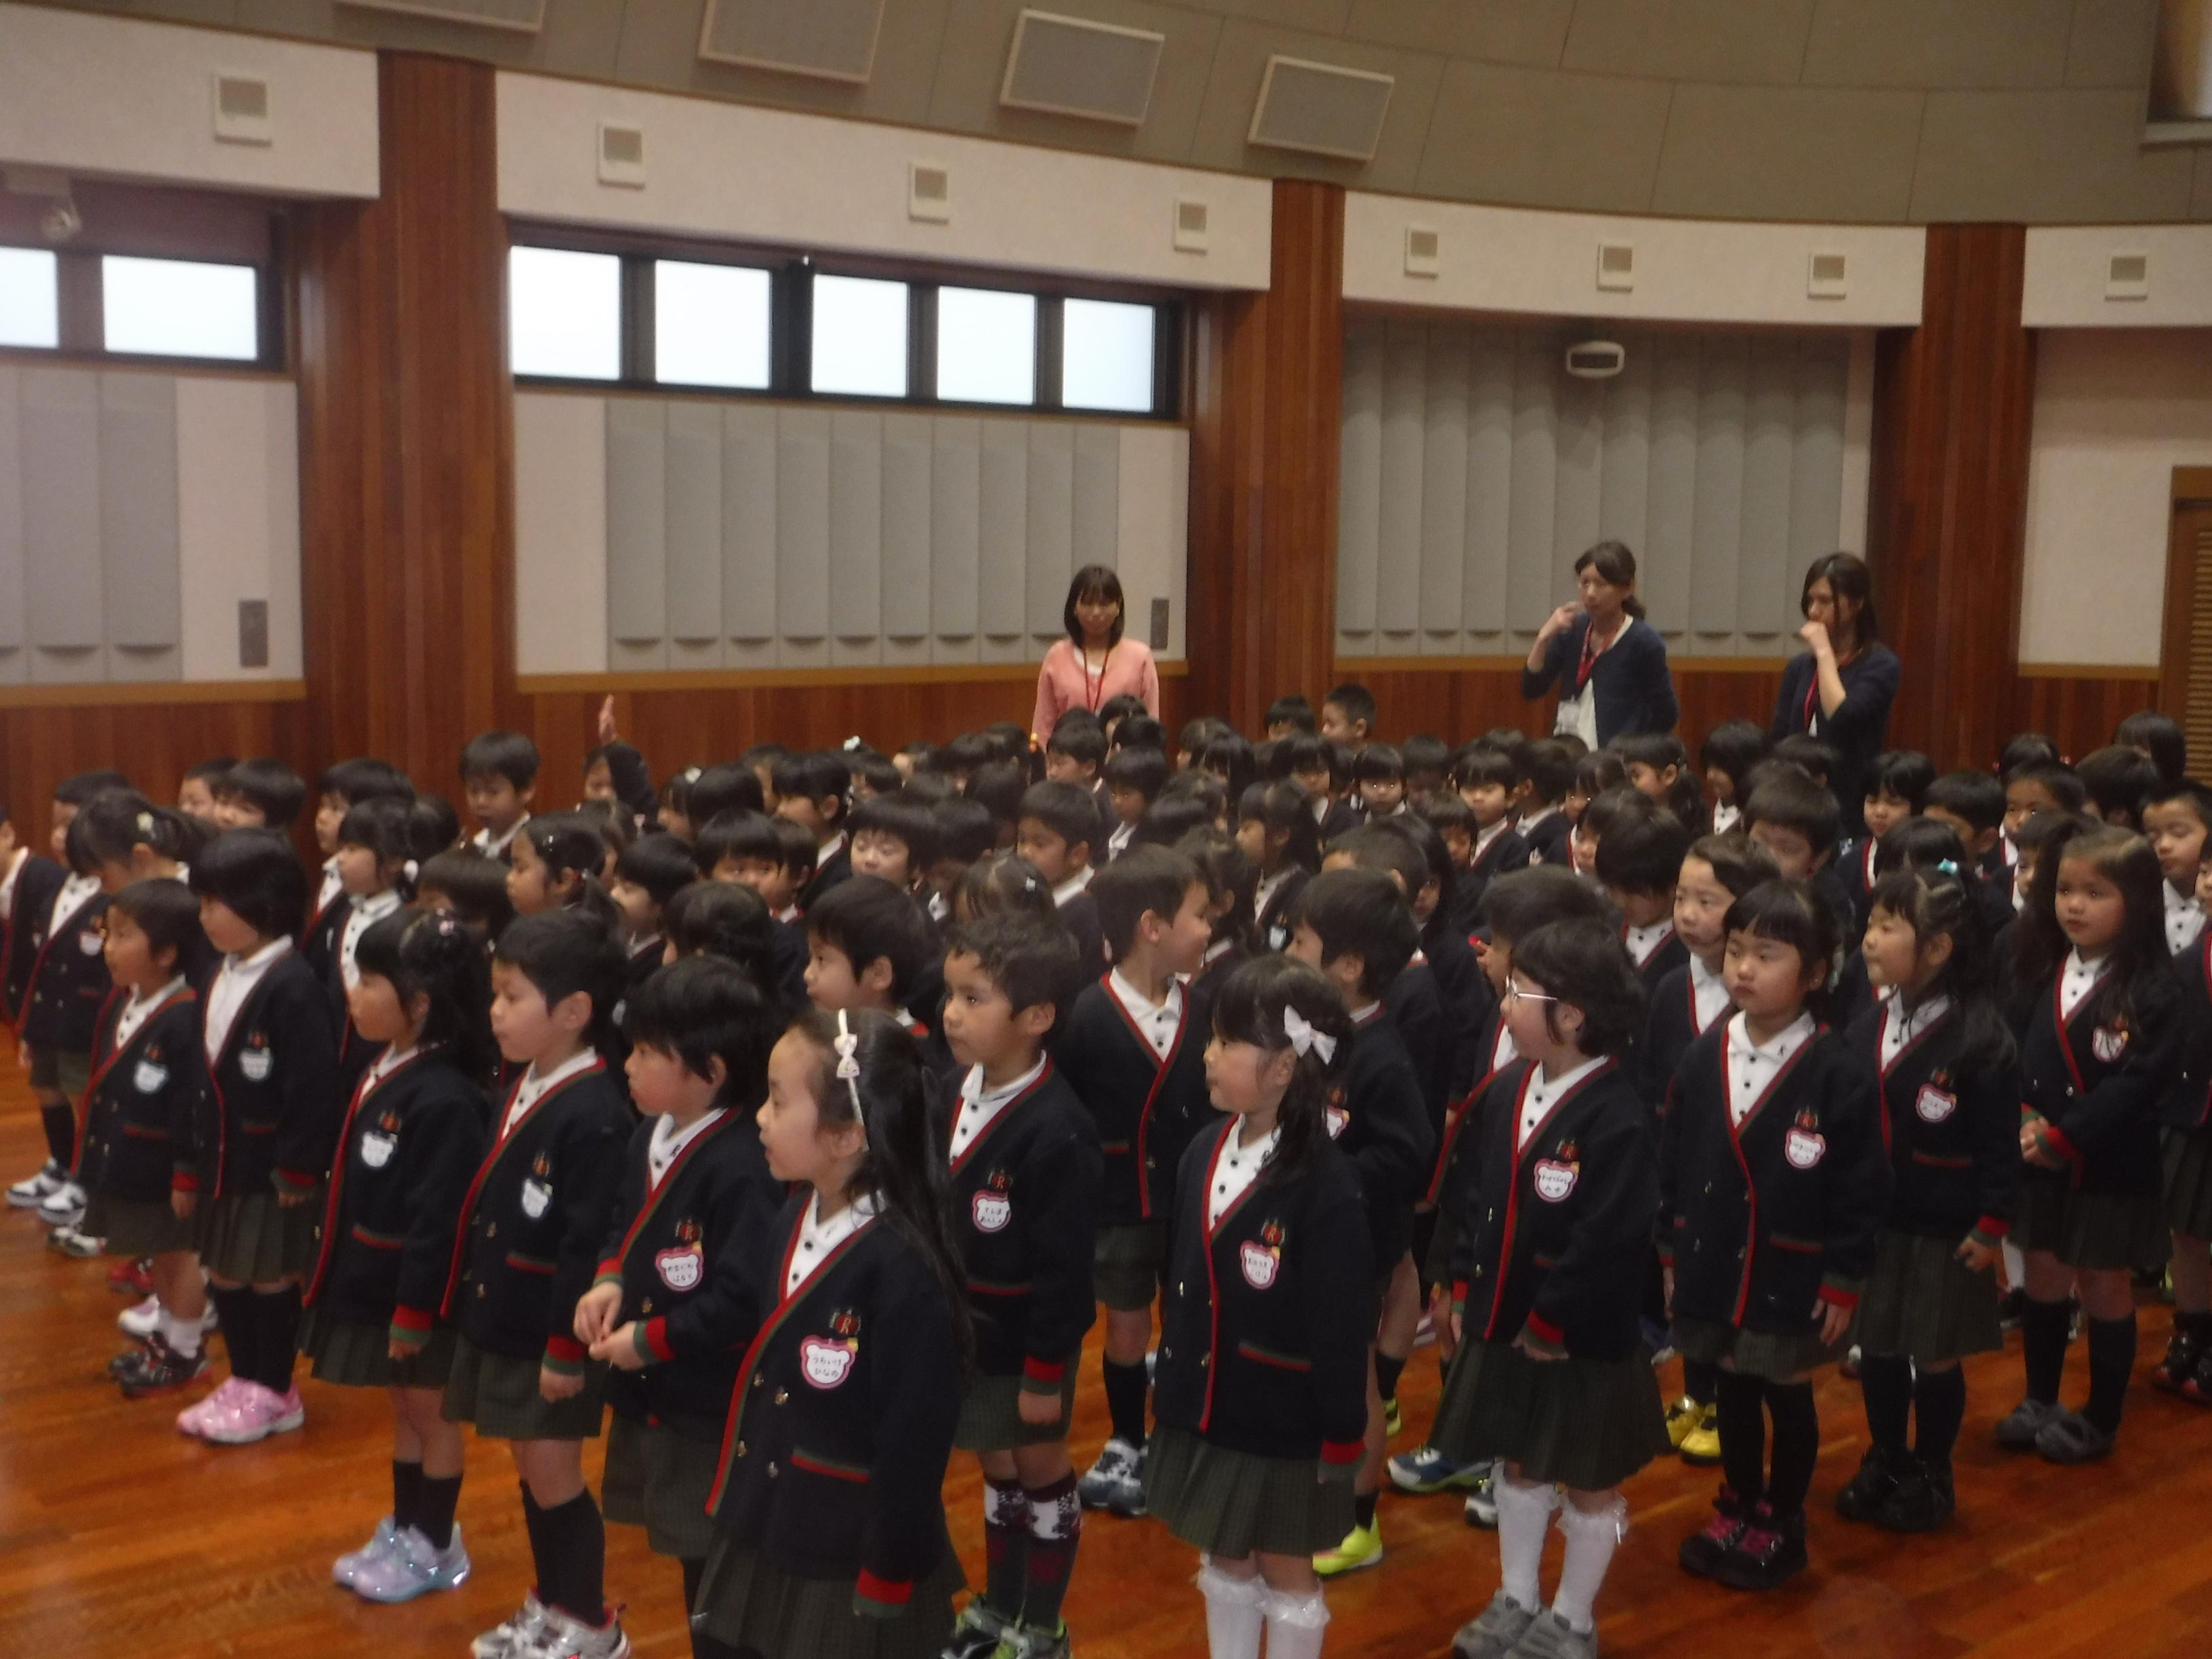 第二早翠幼稚園で始業式を行いました